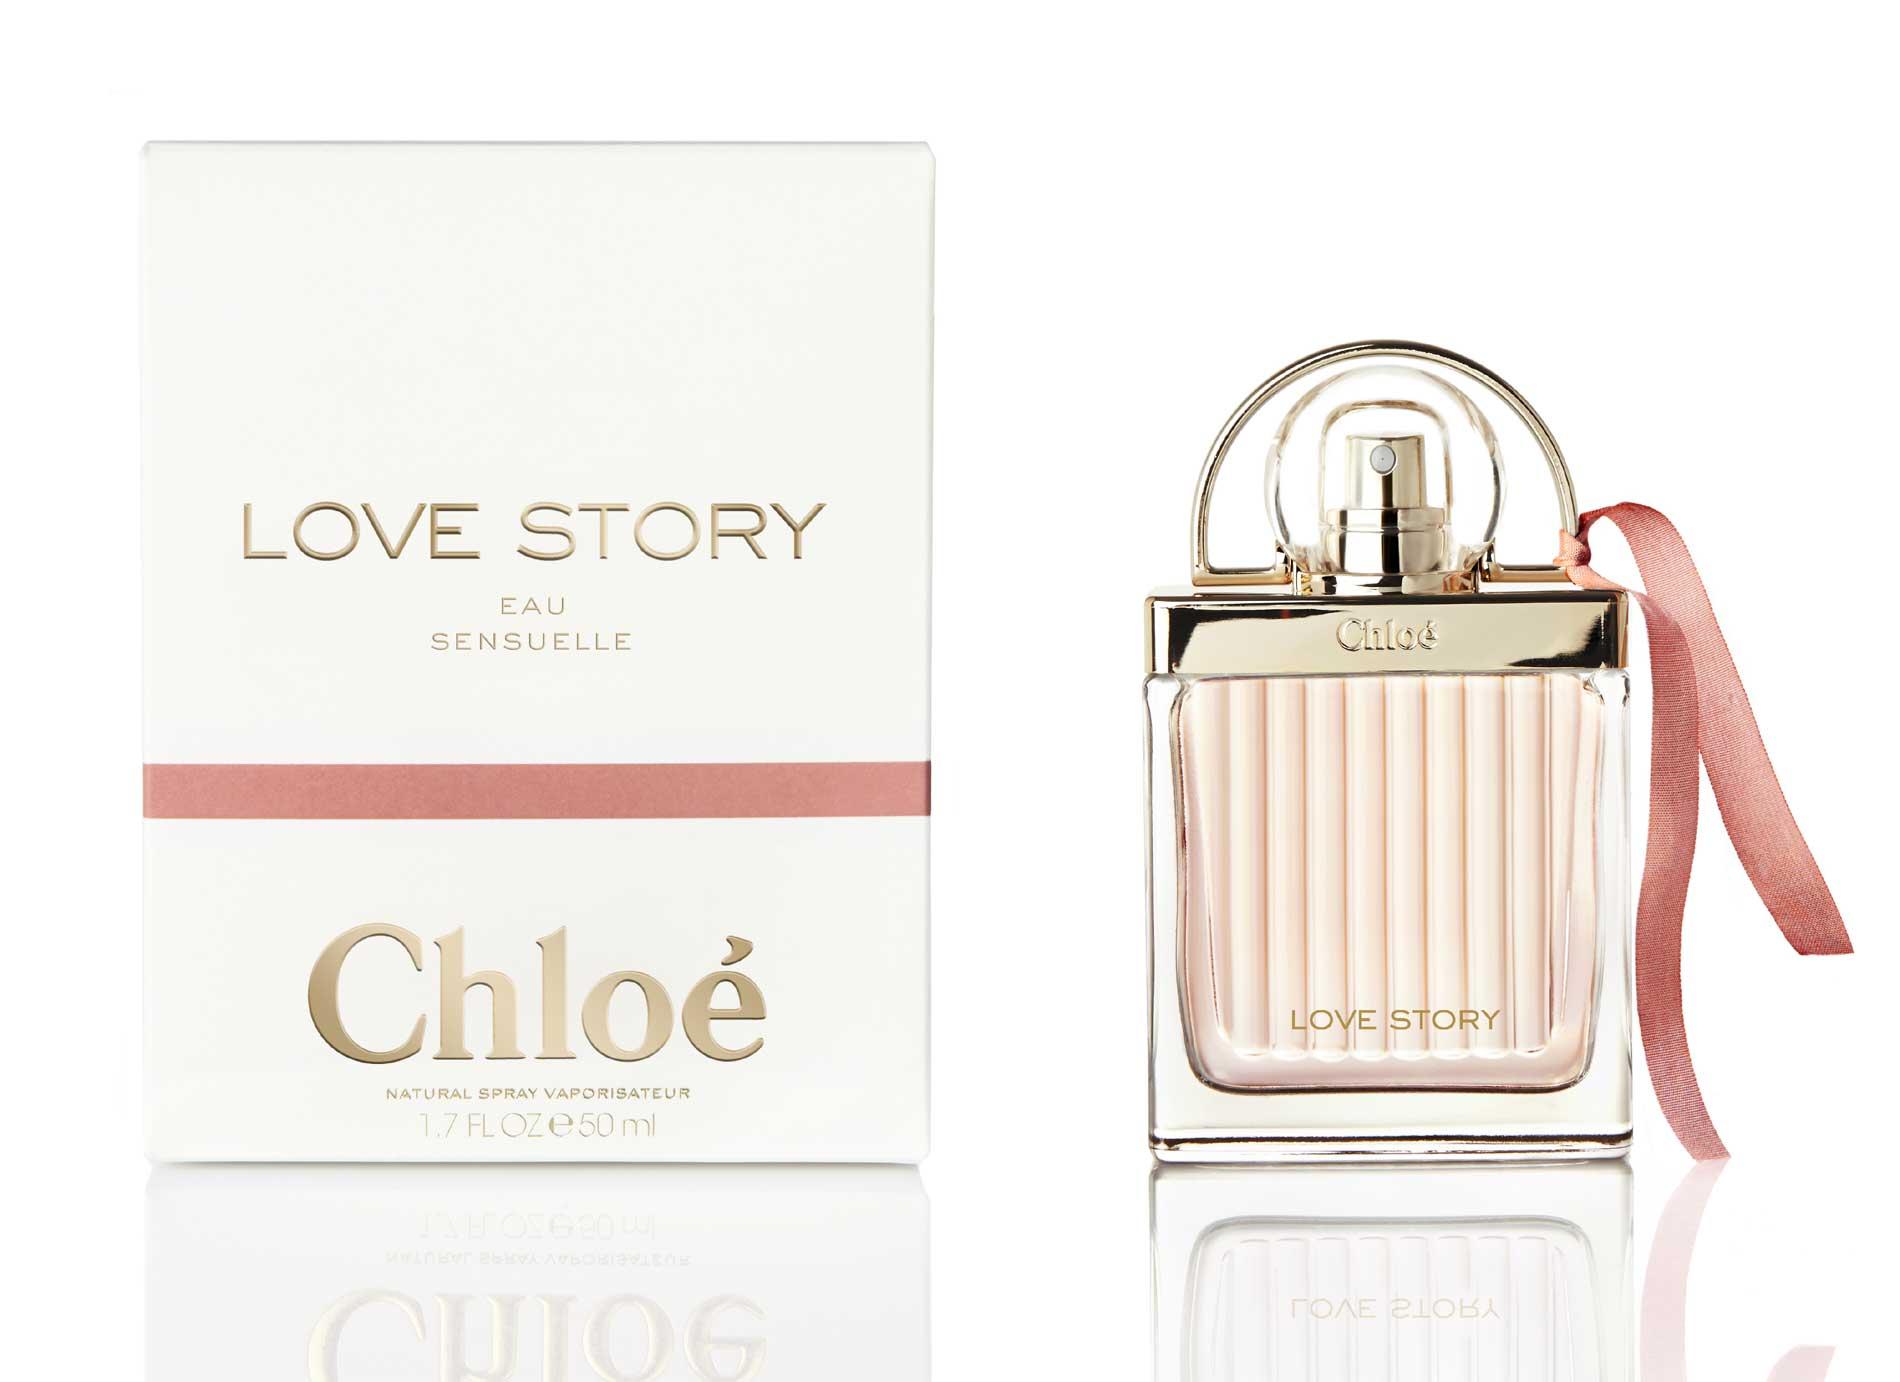 Chloé Love story Eau Sensuelle parfémovaná voda pro ženy 30 ml + výdejní místa po celé ČR